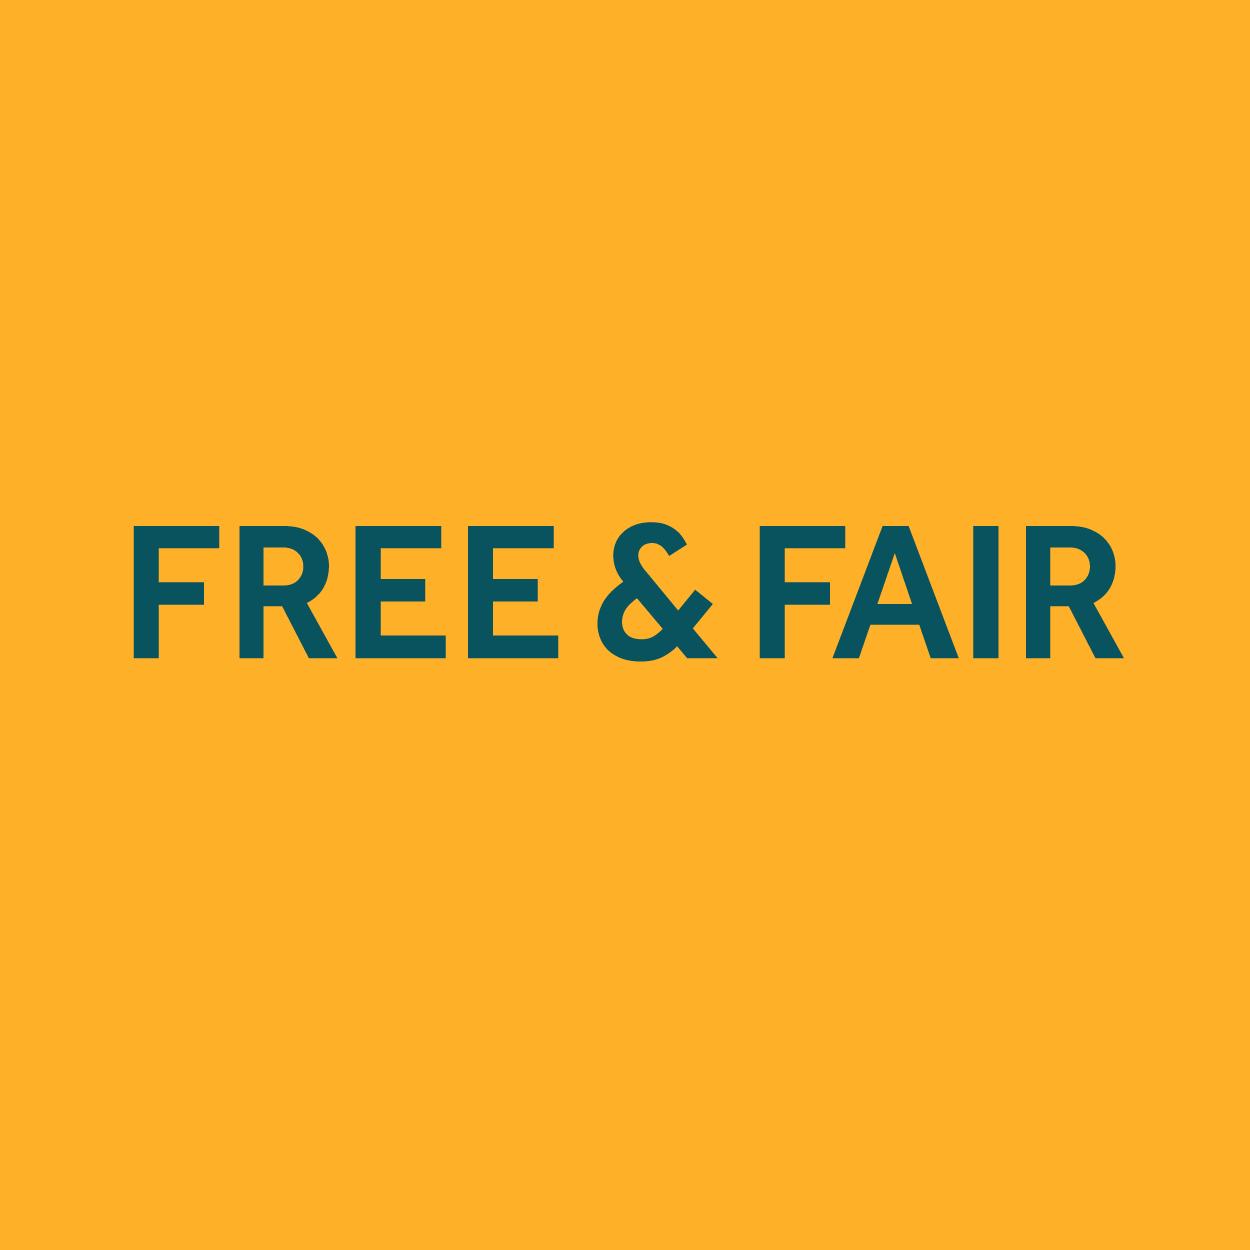 (c) Freeandfair.us